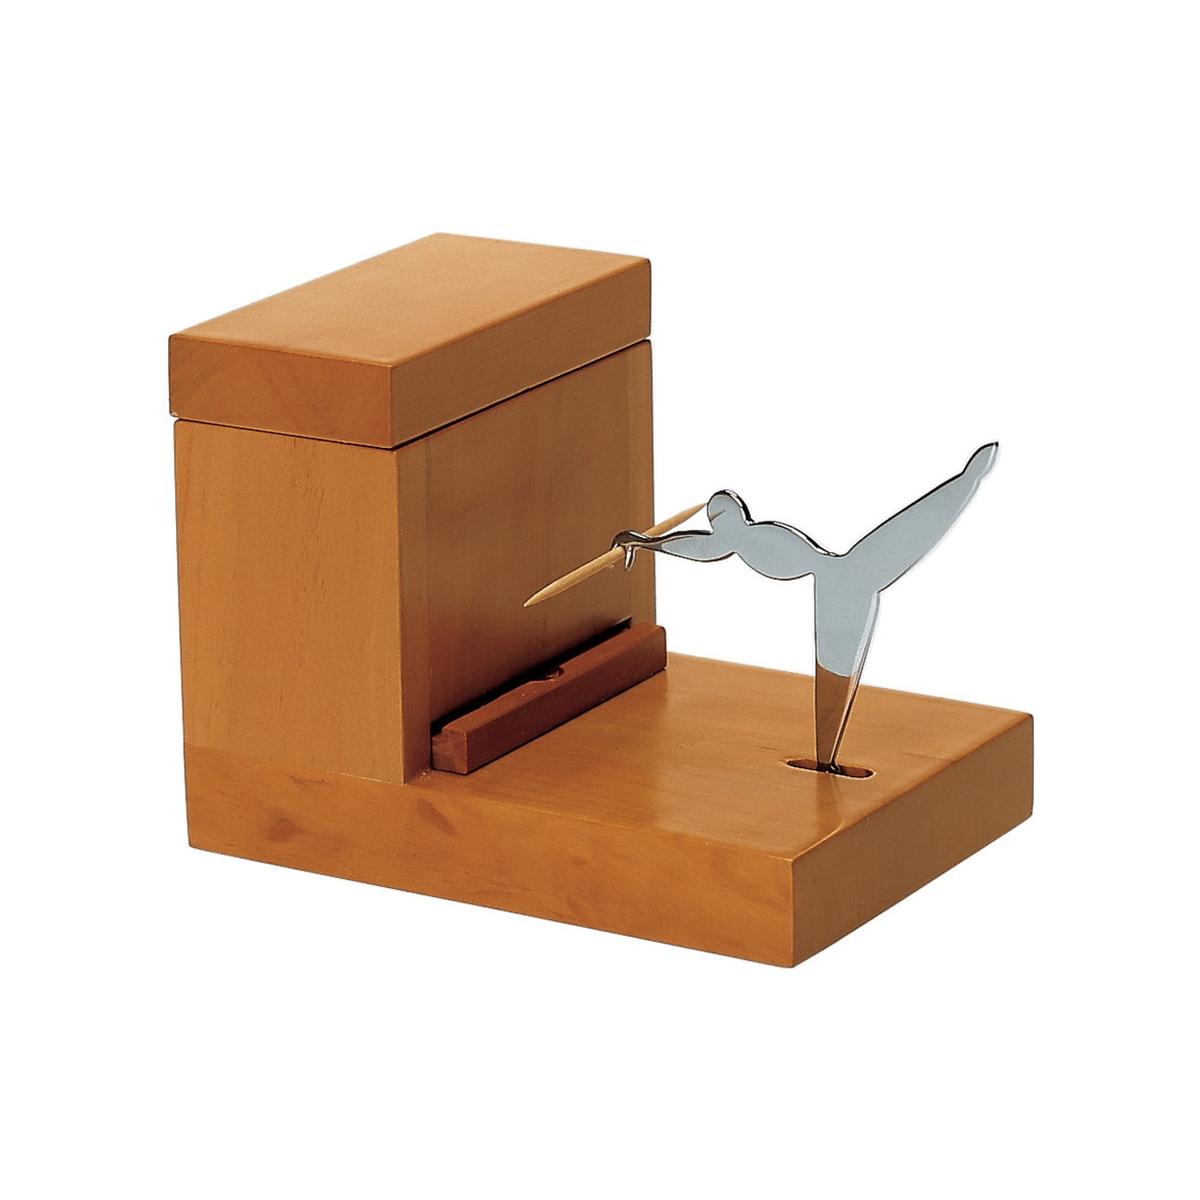 Alessi-Acchiappastuzzicadenti in legno di pero e acciaio